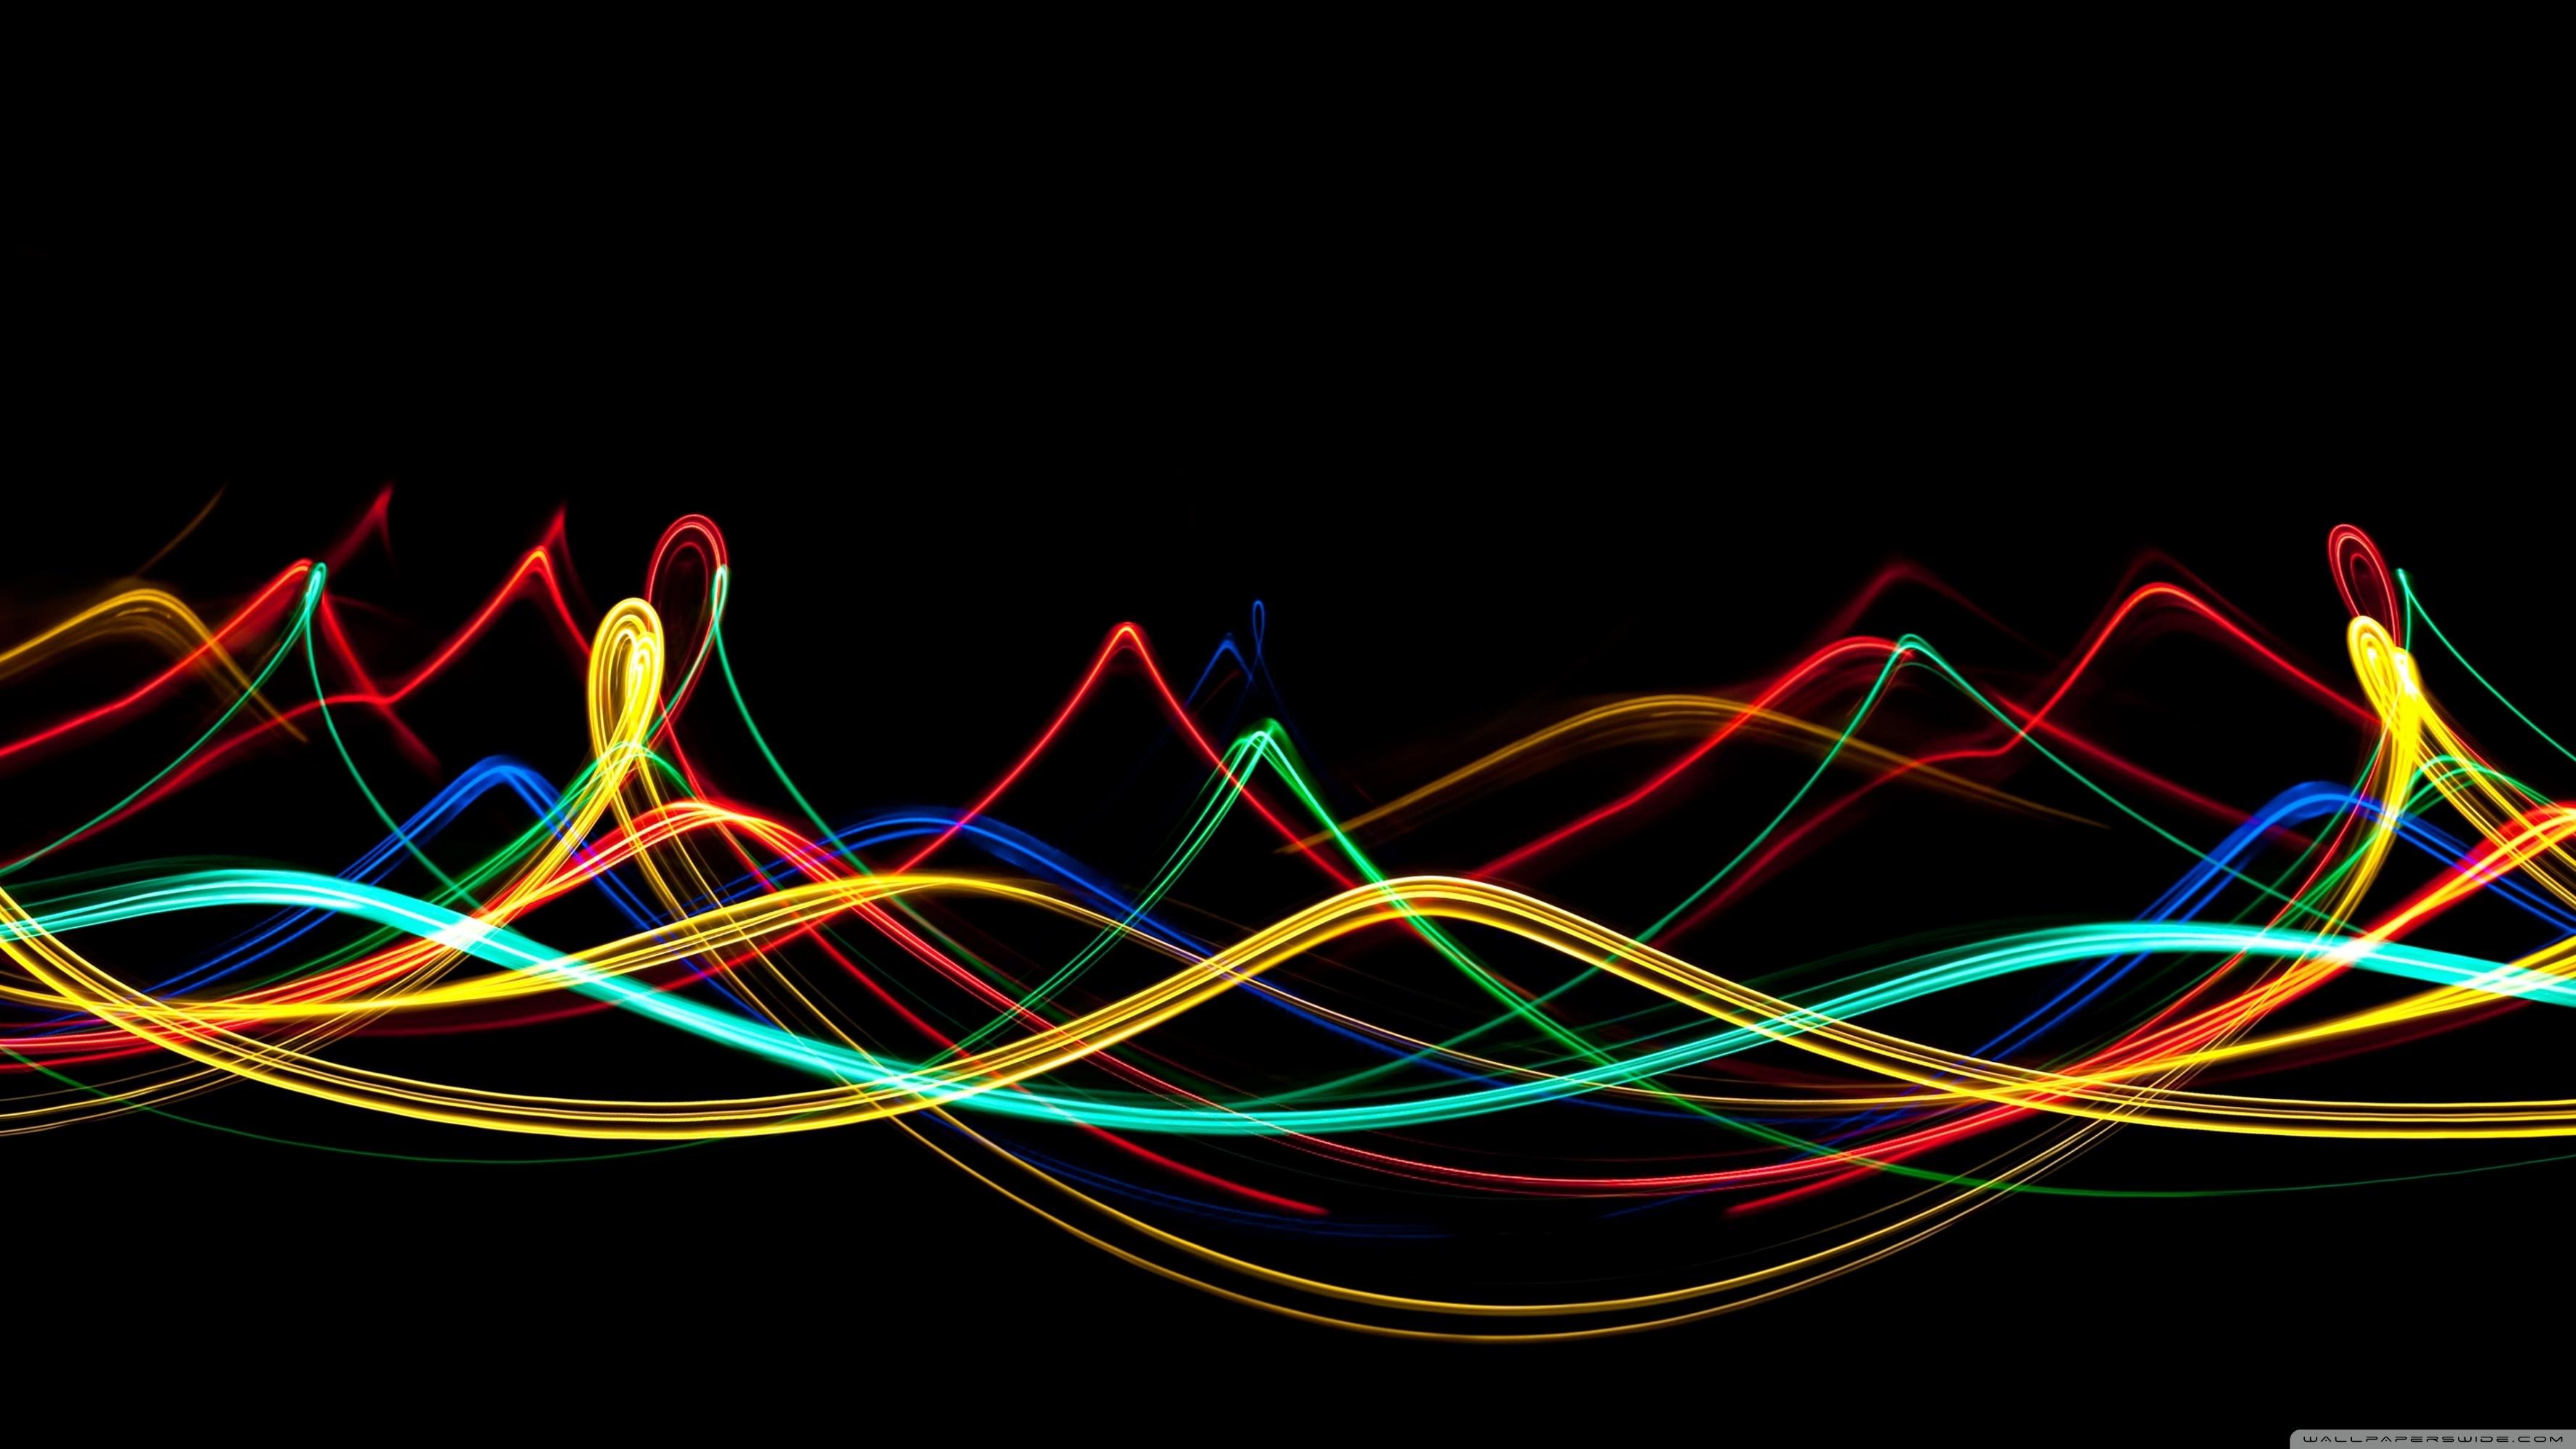 neon waves ❤ 4k hd desktop wallpaper for 4k ultra hd tv • wide